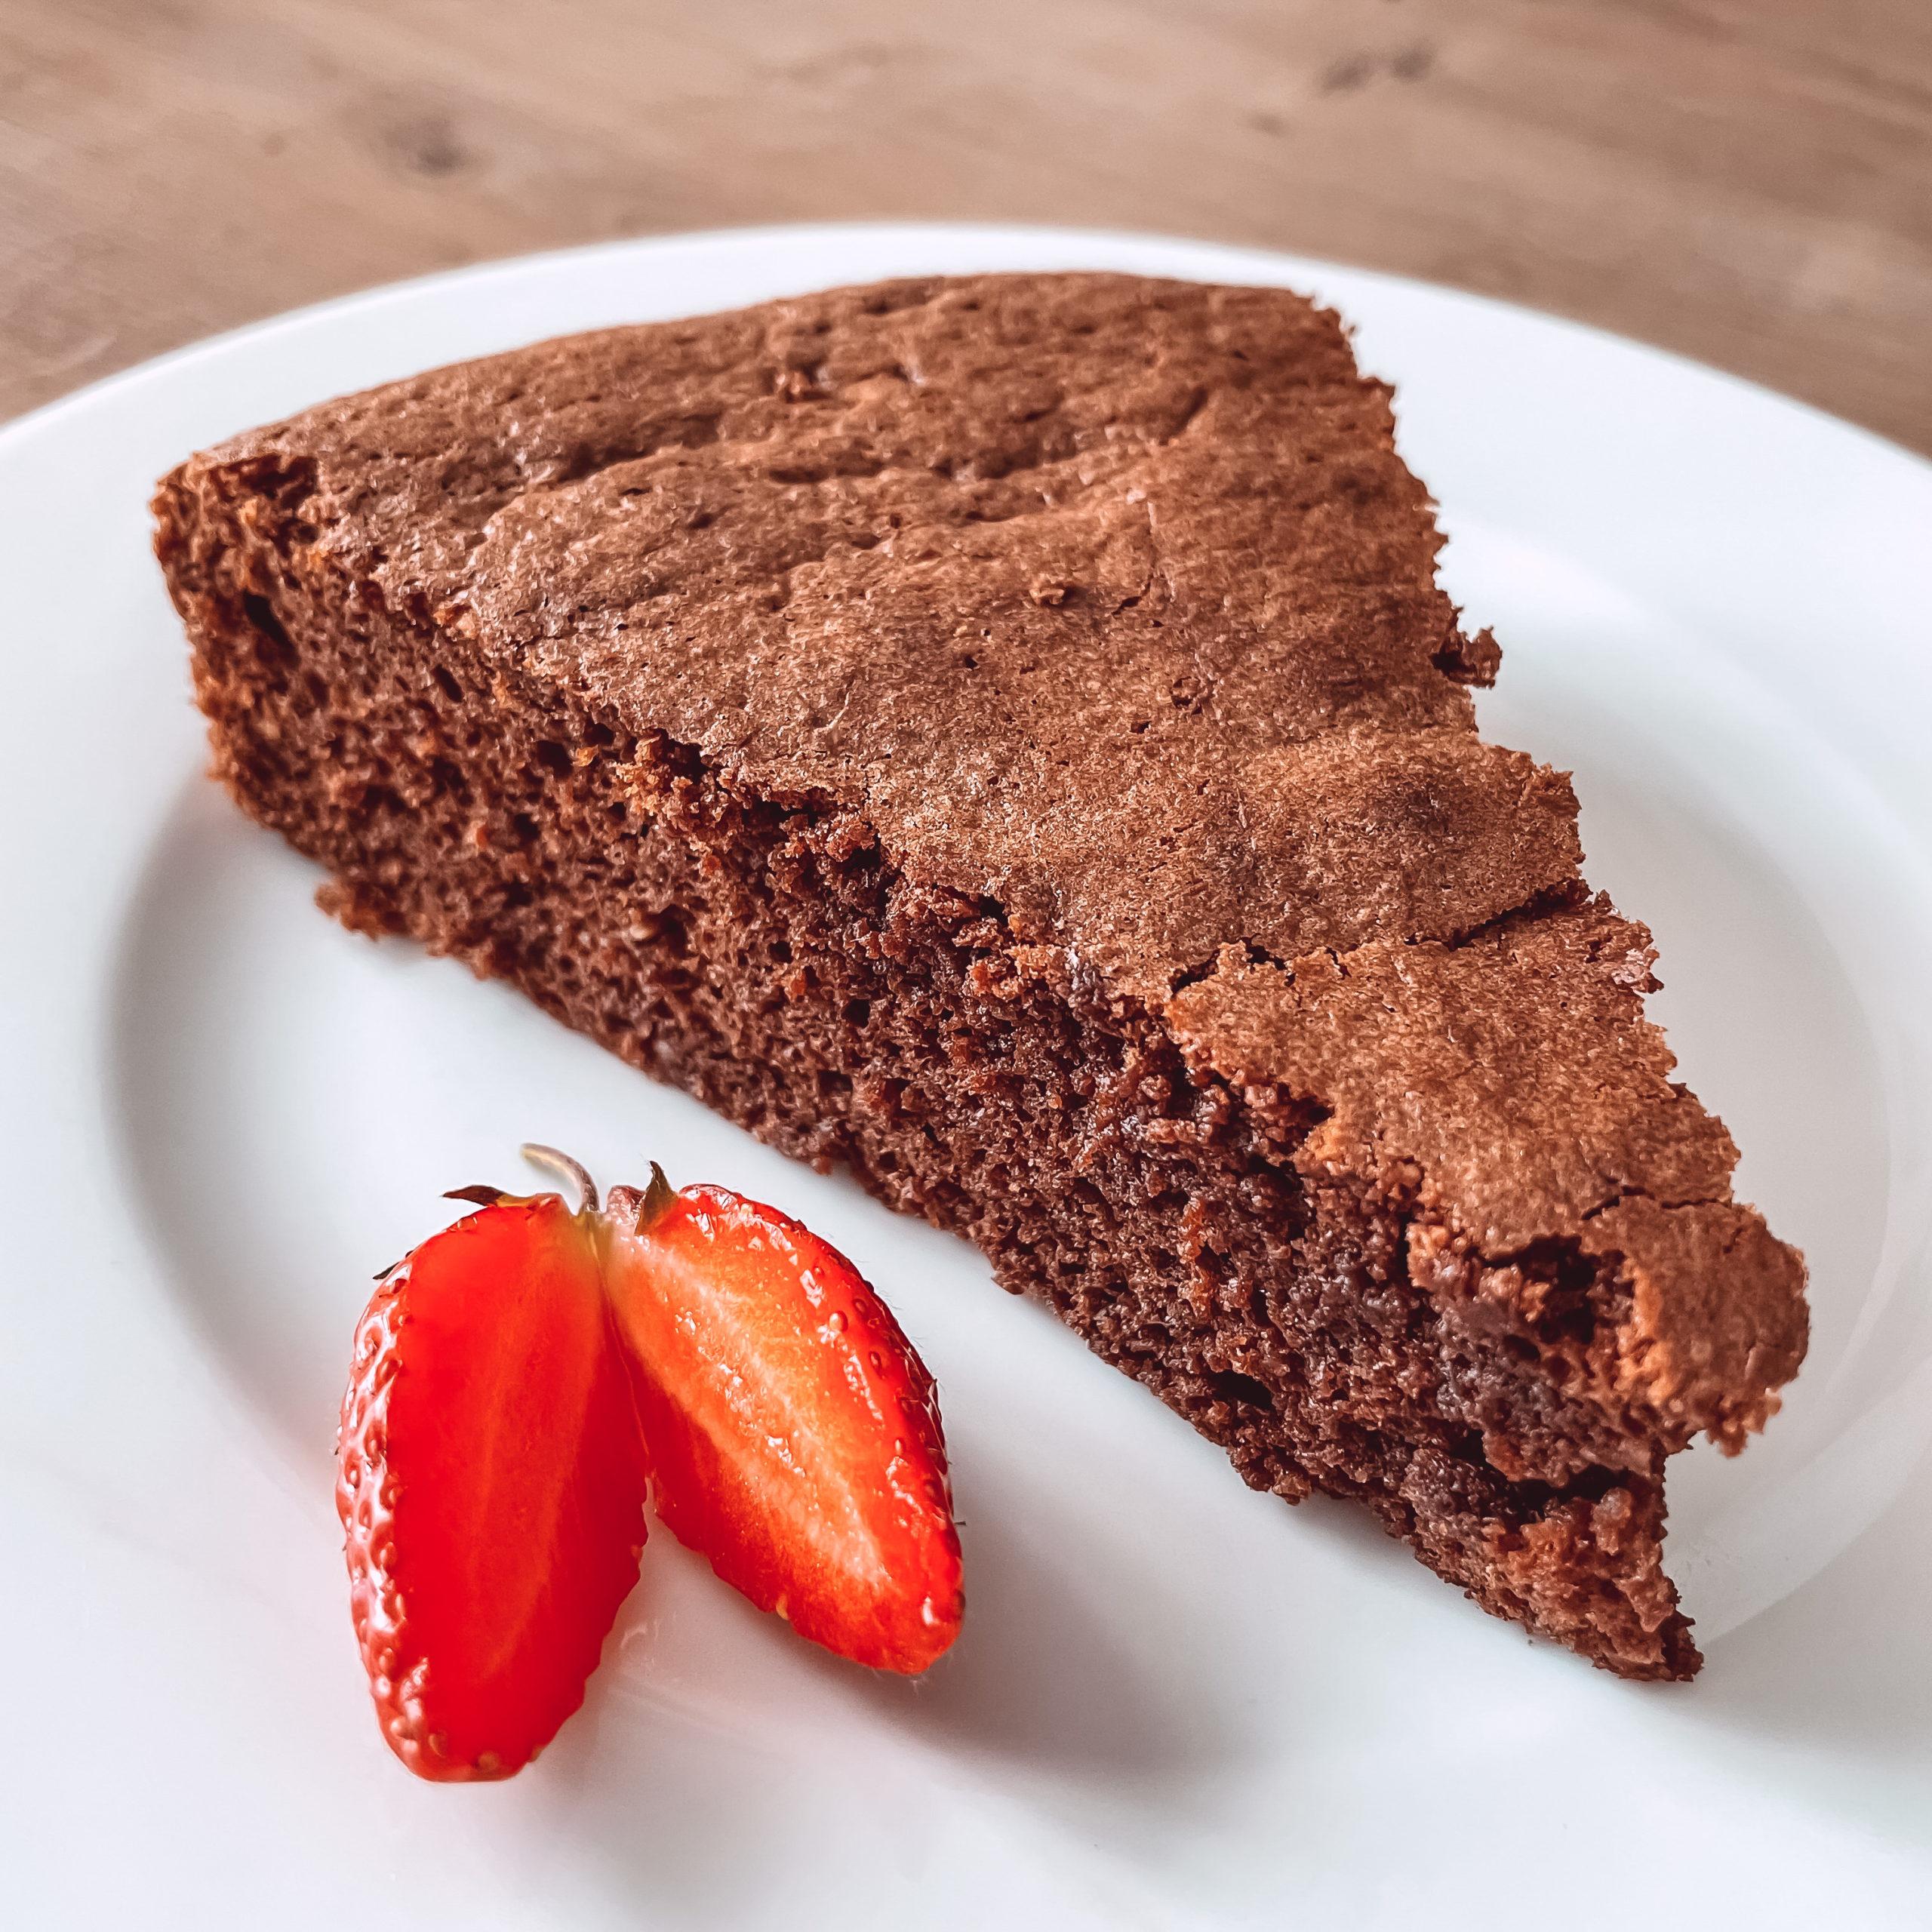 IMG 0198 scaled - Le gâteau au chocolat de mon enfance, et hommage à Suzanne, Paulette et Jeanine.